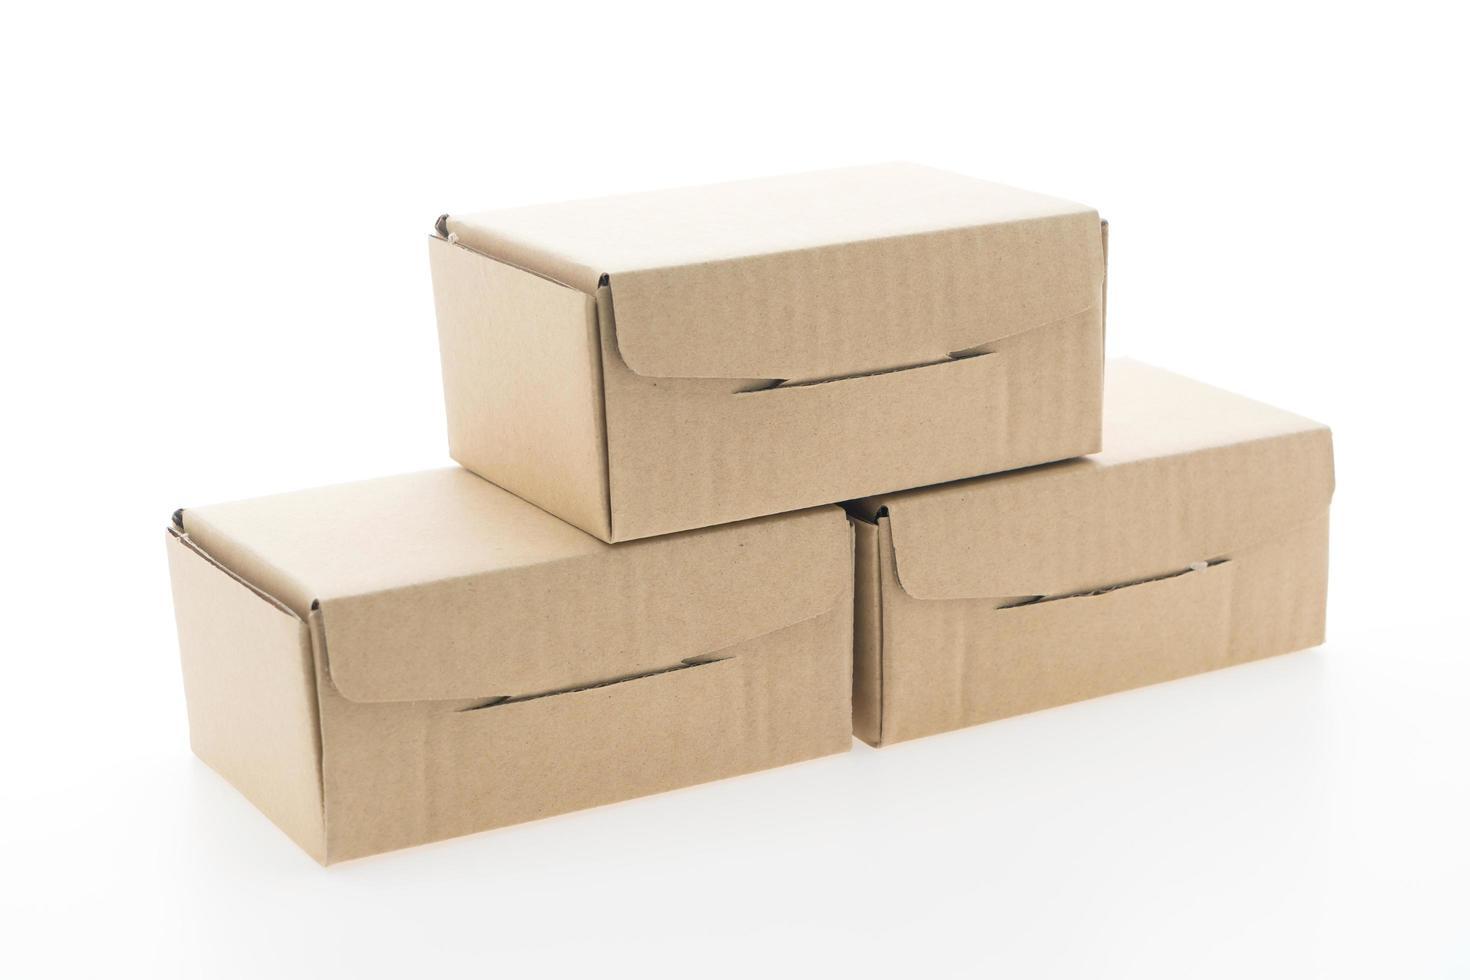 maqueta de caja marrón foto